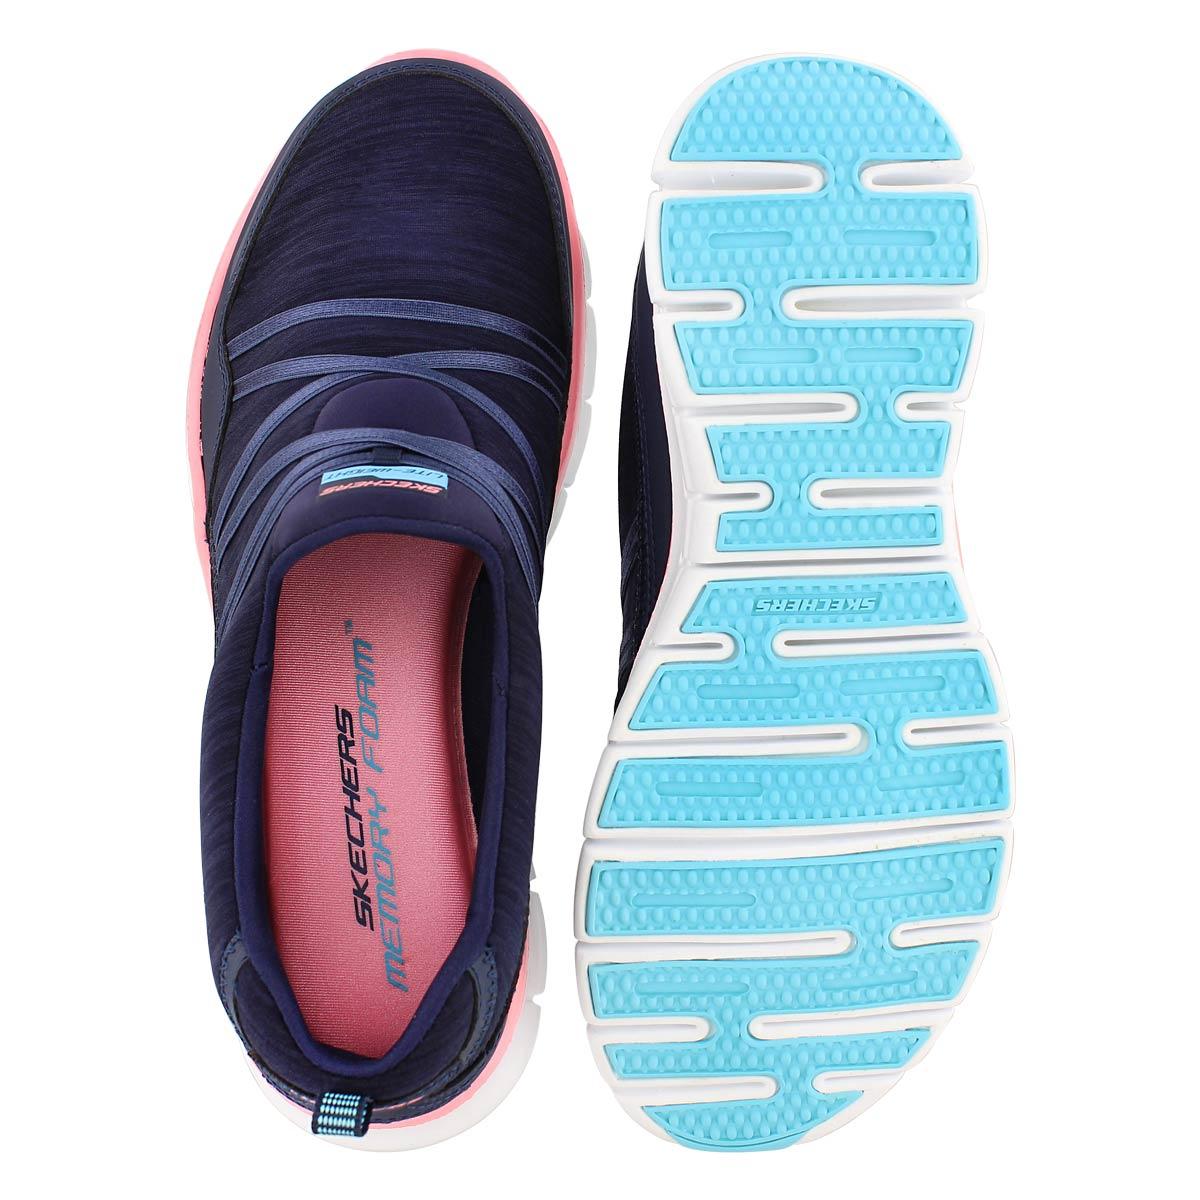 Chaussures SCENE STEALER, marine, femmes